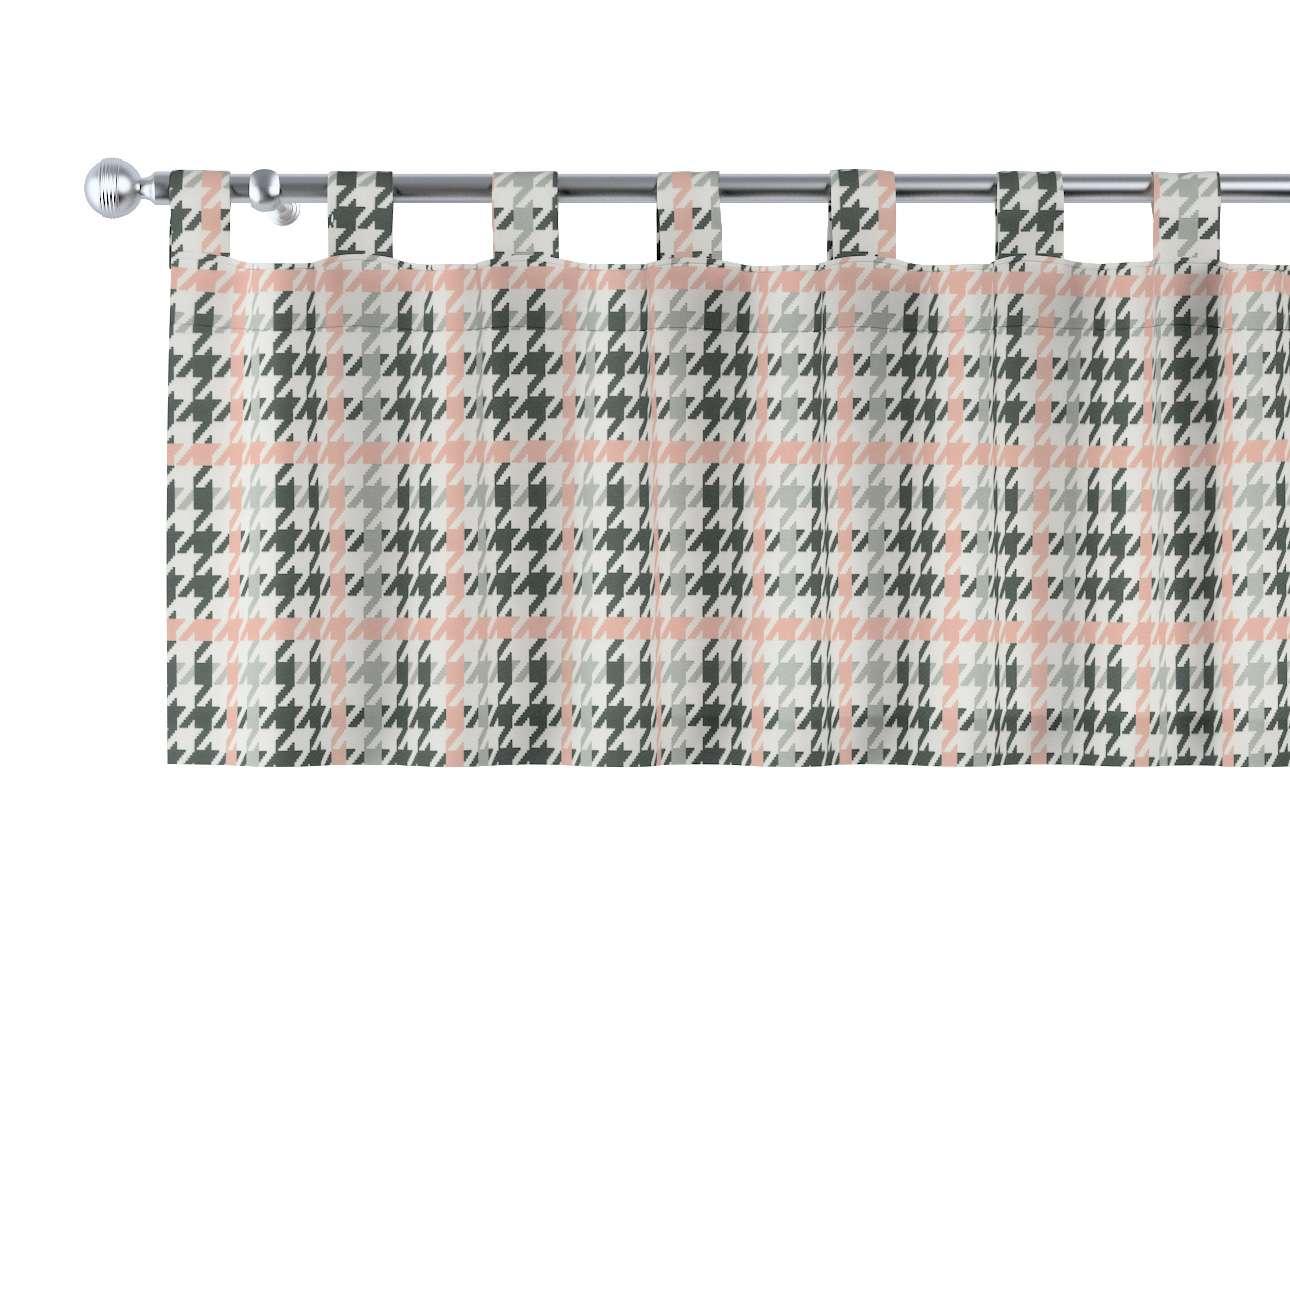 Lambrekin na szelkach w kolekcji Wyprzedaż do -50%, tkanina: 137-75